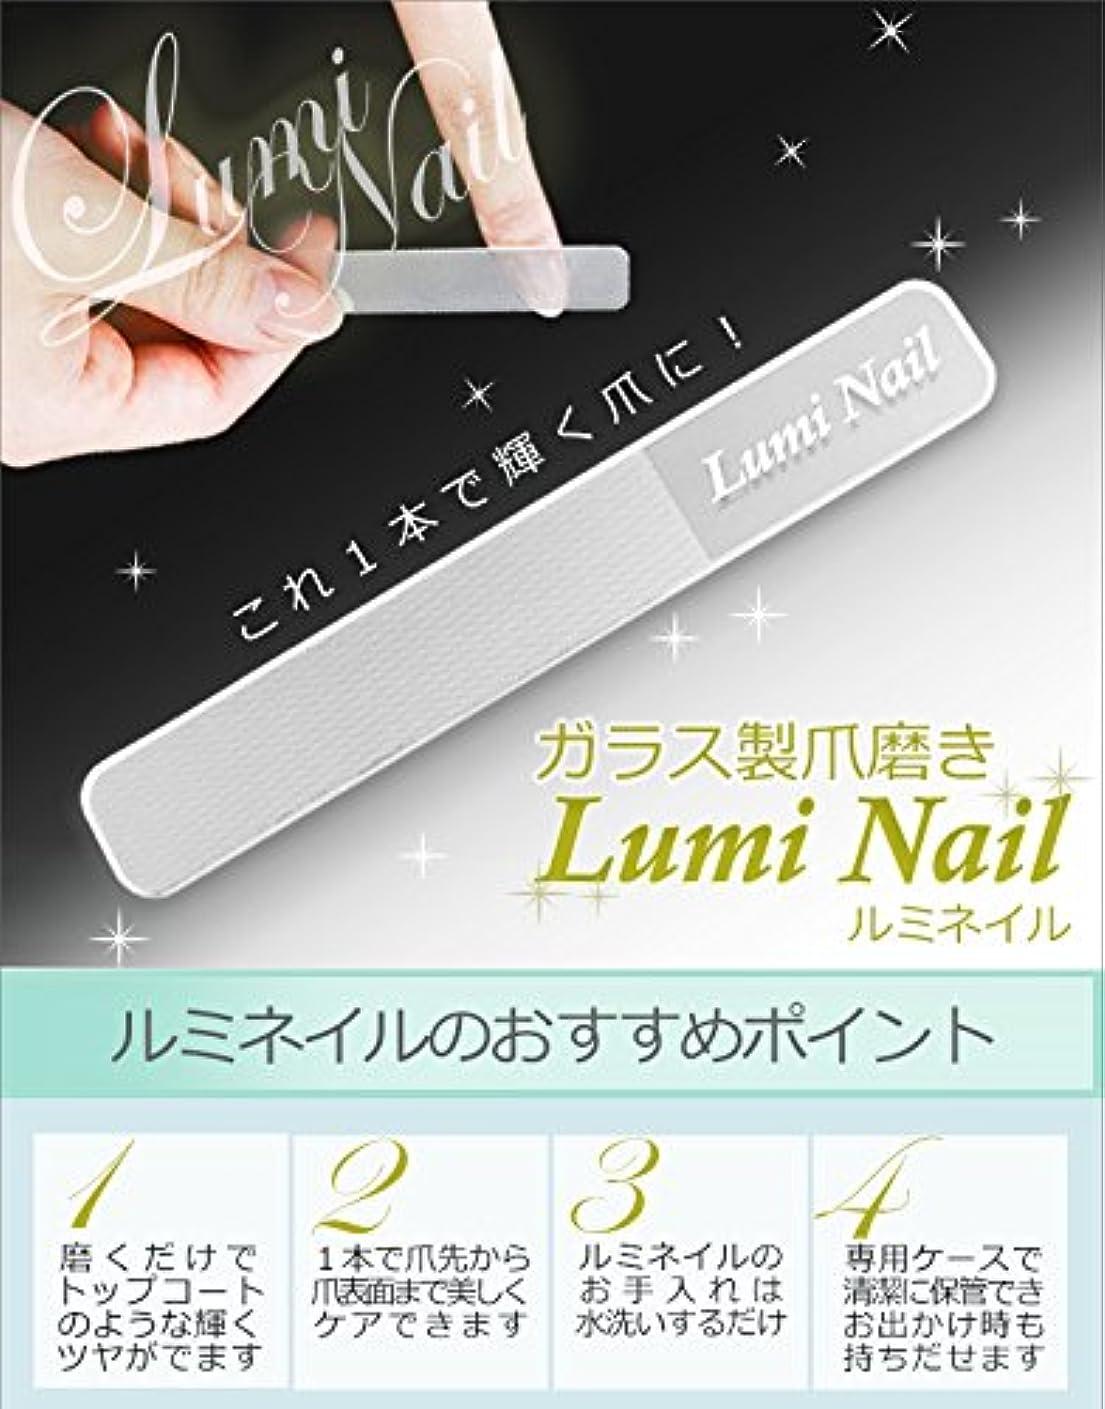 ステープル貴重な資源ガラス製爪磨き Lumi Nail(ルミネイル) 爪やすり ネイルケア つめみがき 簡単